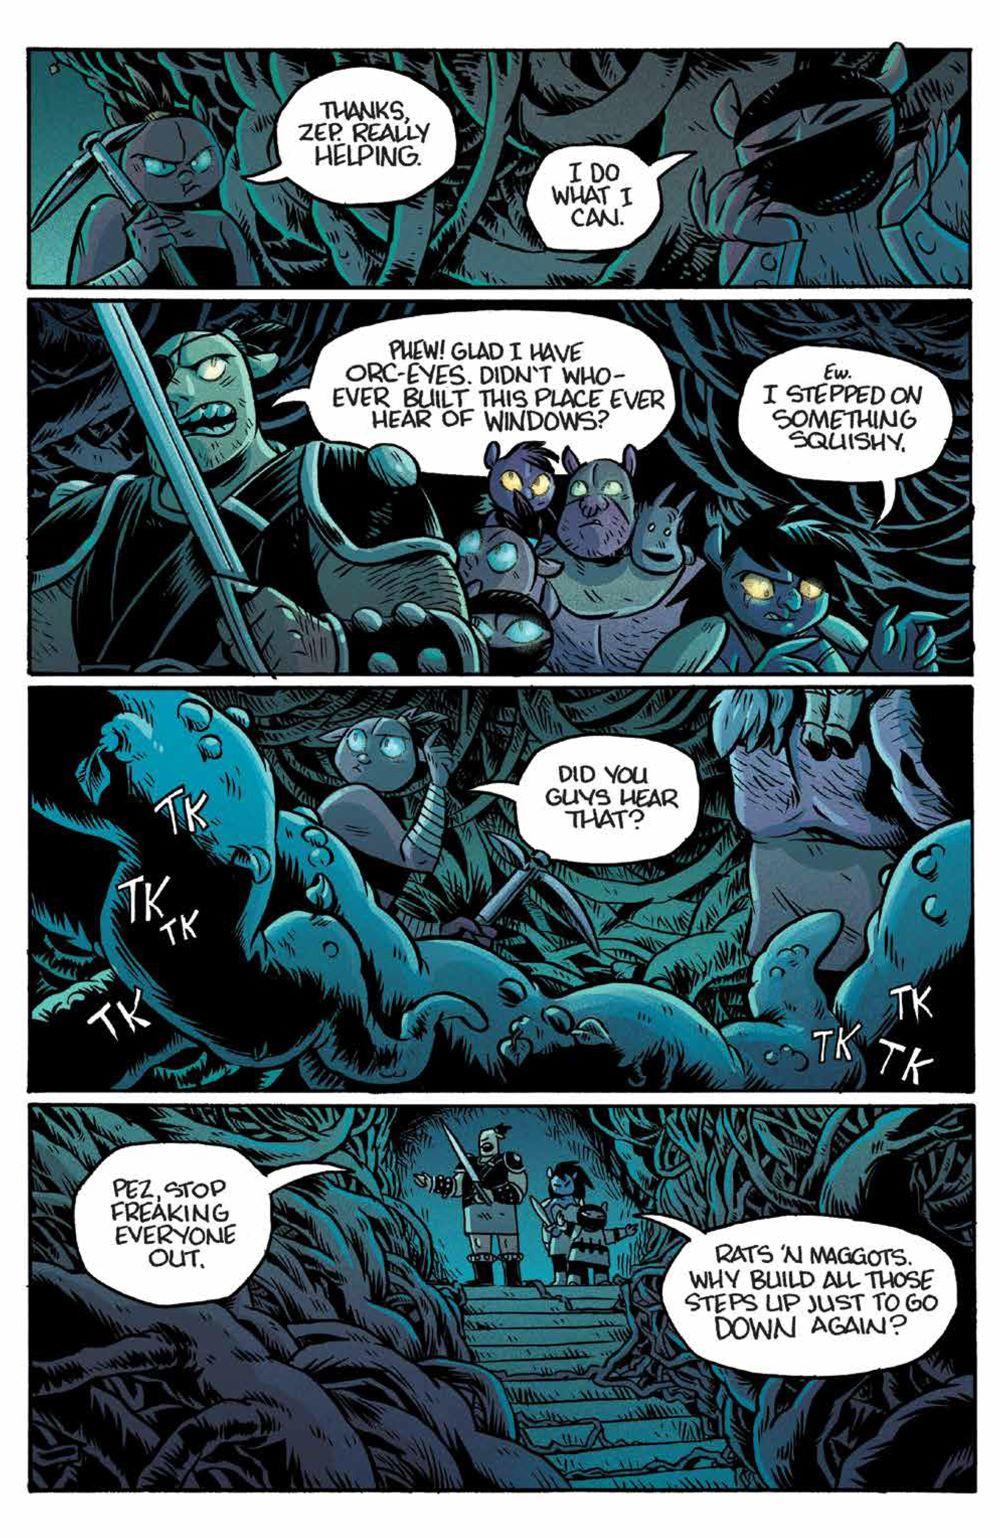 Orcs_006_PRESS_8 ComicList Previews: ORCS #6 (OF 6)